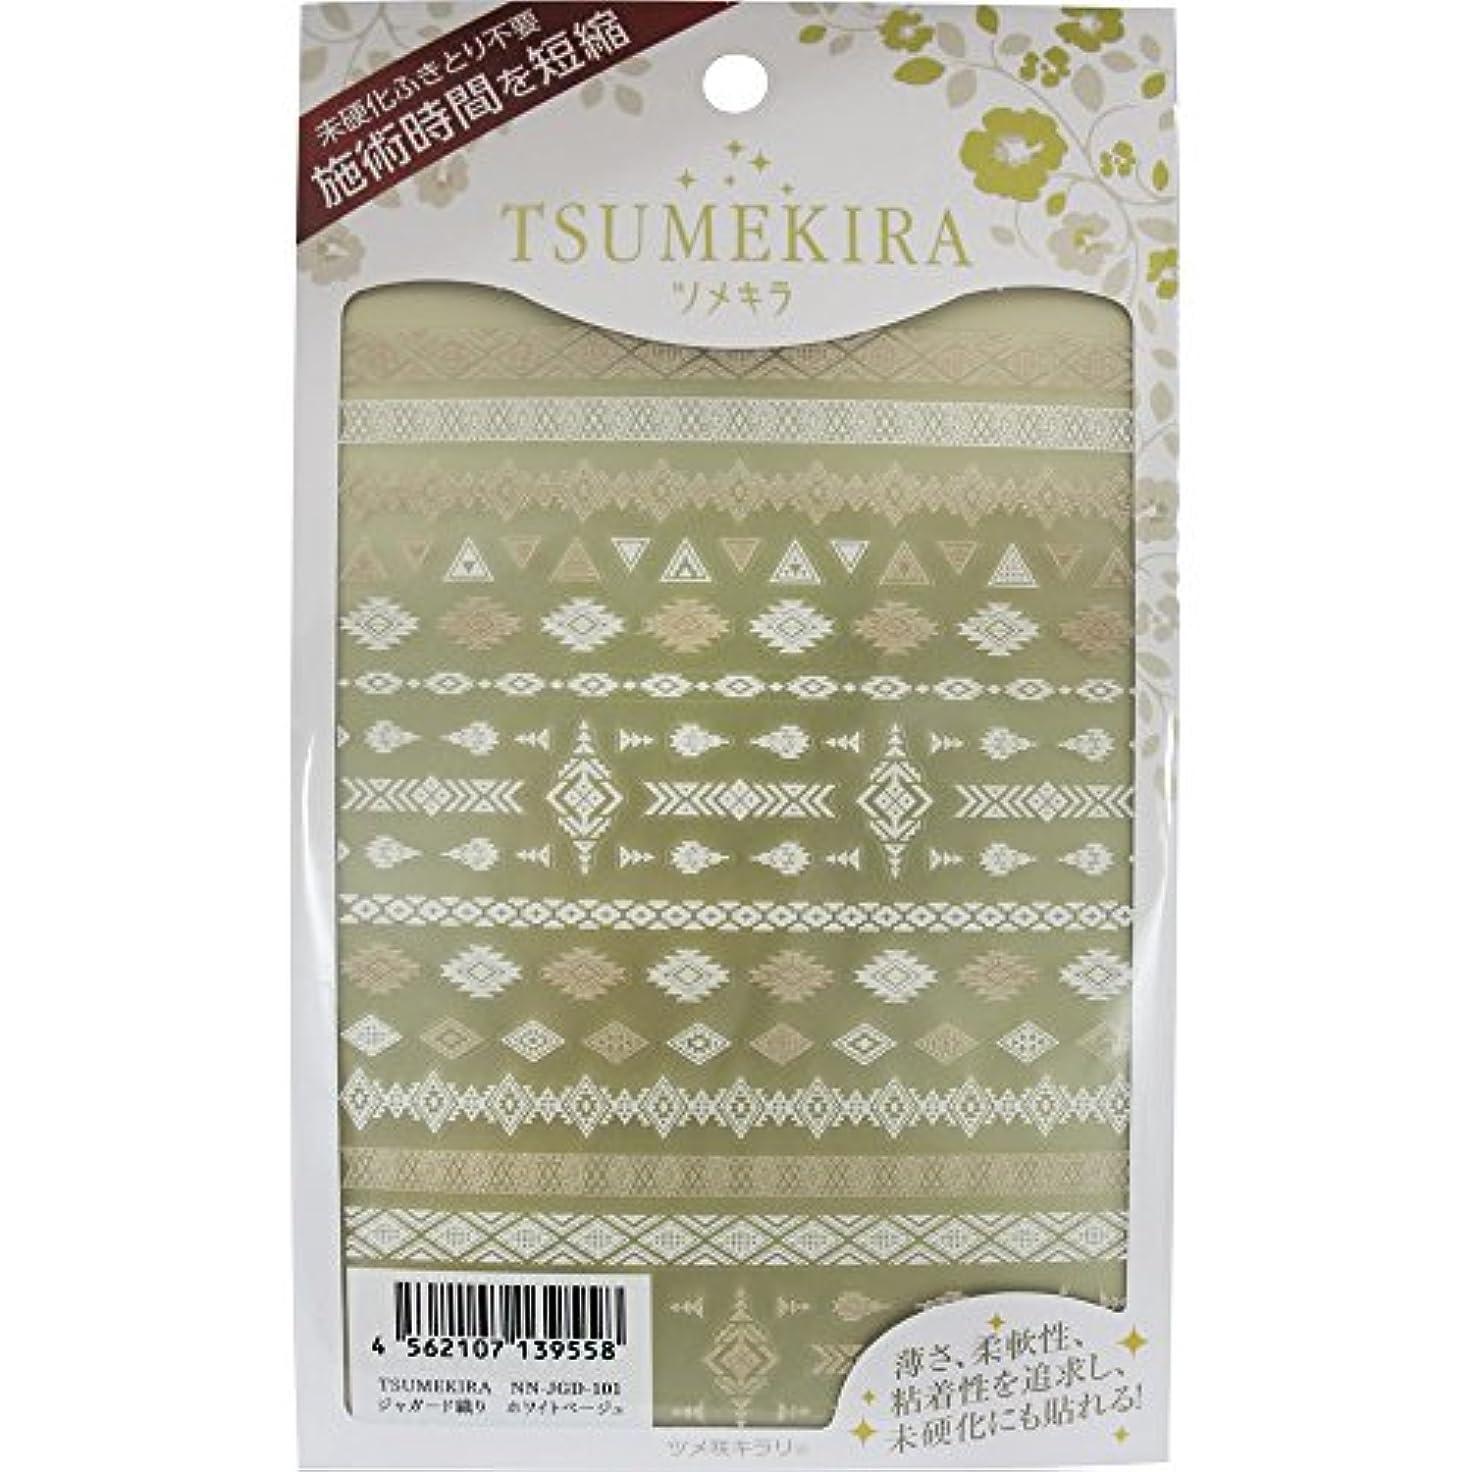 戦い優しさカールツメキラ(TSUMEKIRA) ネイル用シール ジャガード織り ホワイトベージュ NN-JGD-101